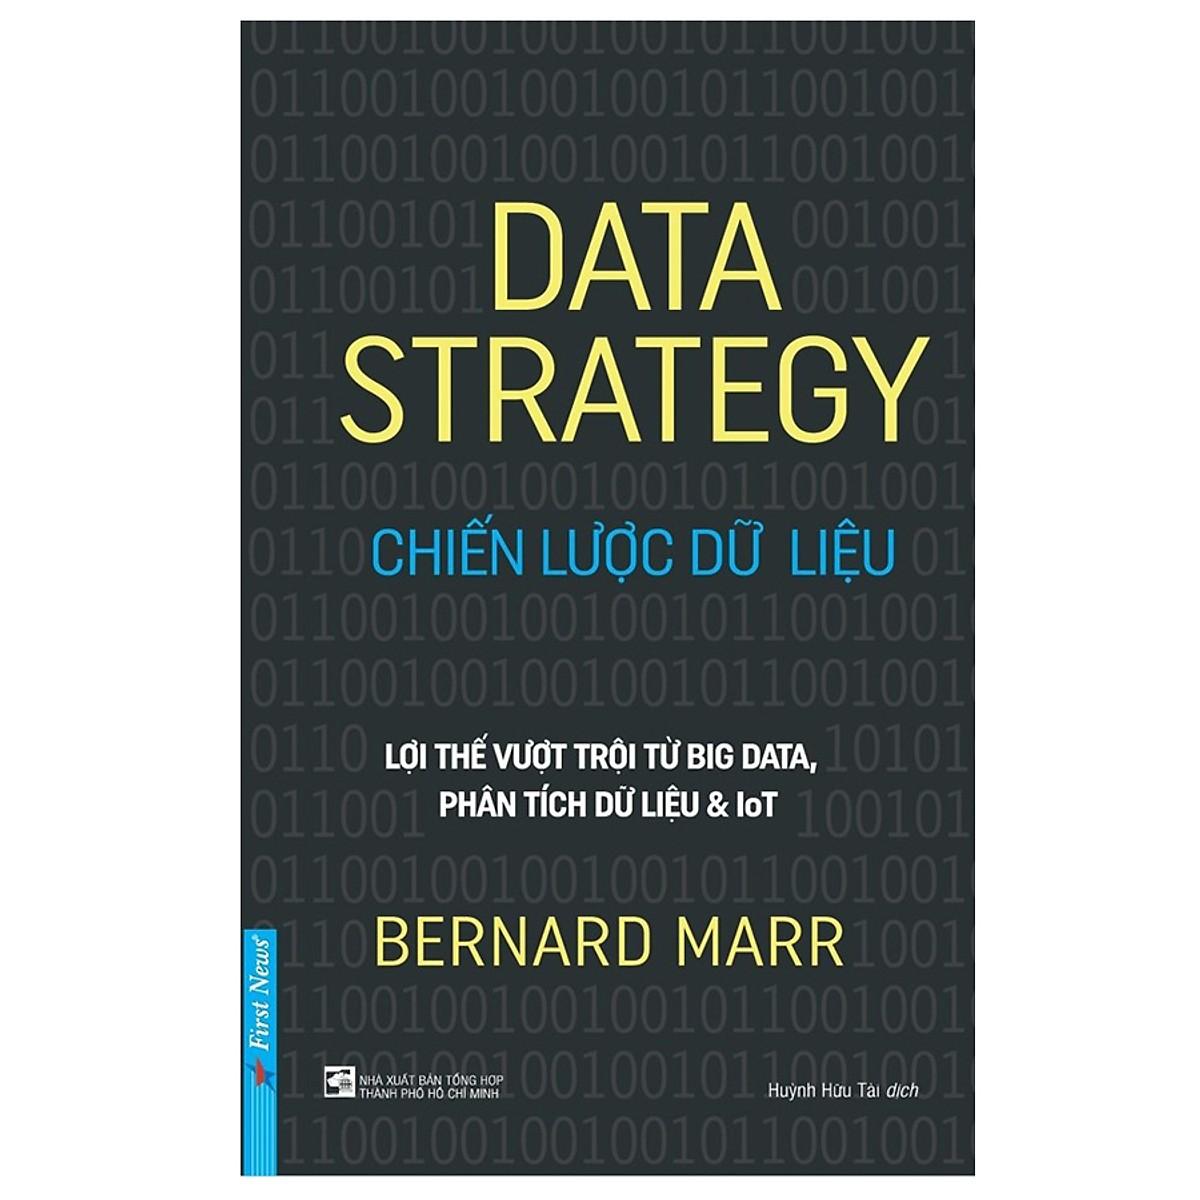 Data Strategy - Chiến lược dữ liệu